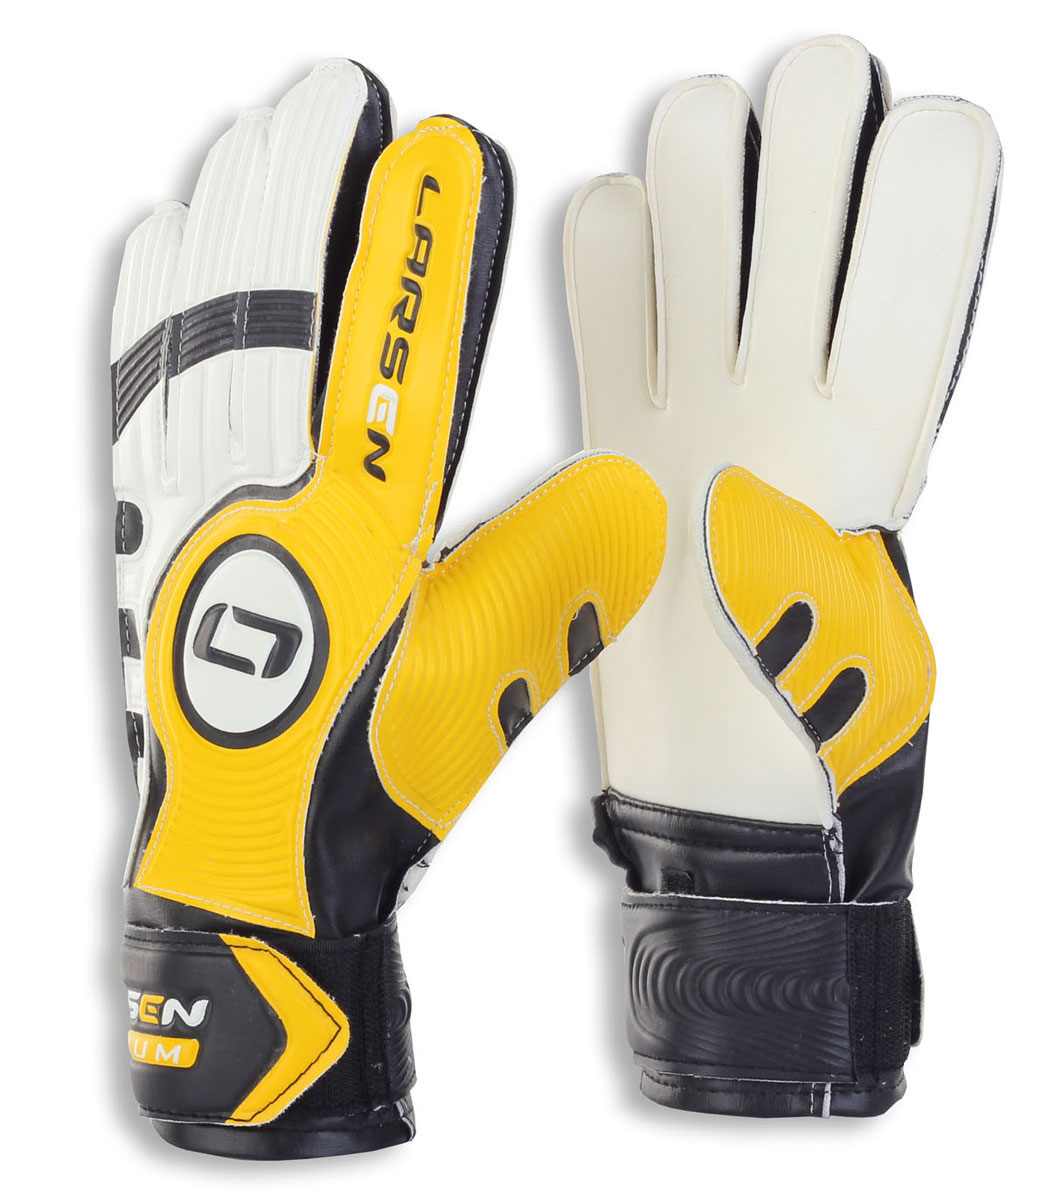 Перчатки вратарские Larsen  Radium , цвет: черный, желтый. Размер 6 - Футбол